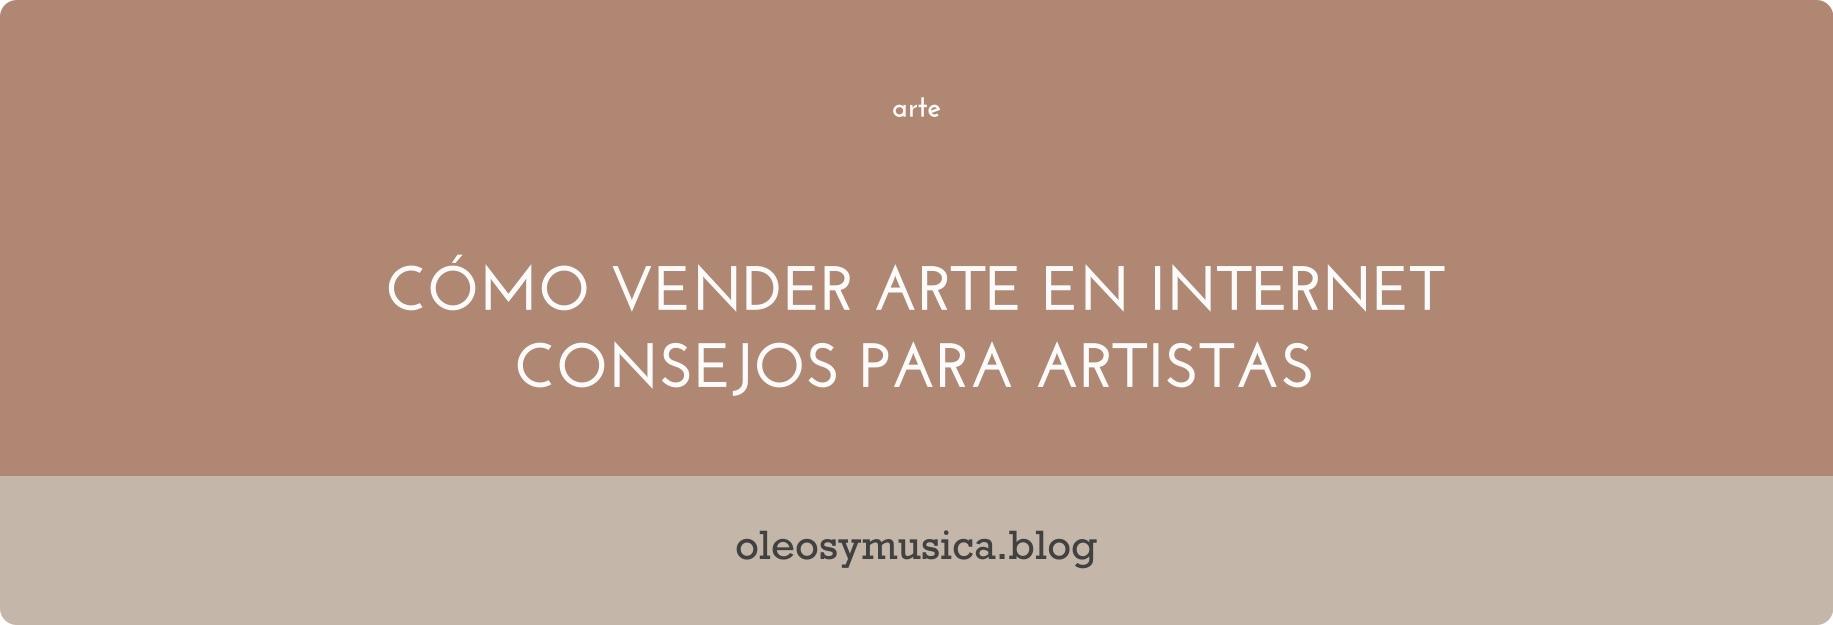 vender arte internet - oleos y musica